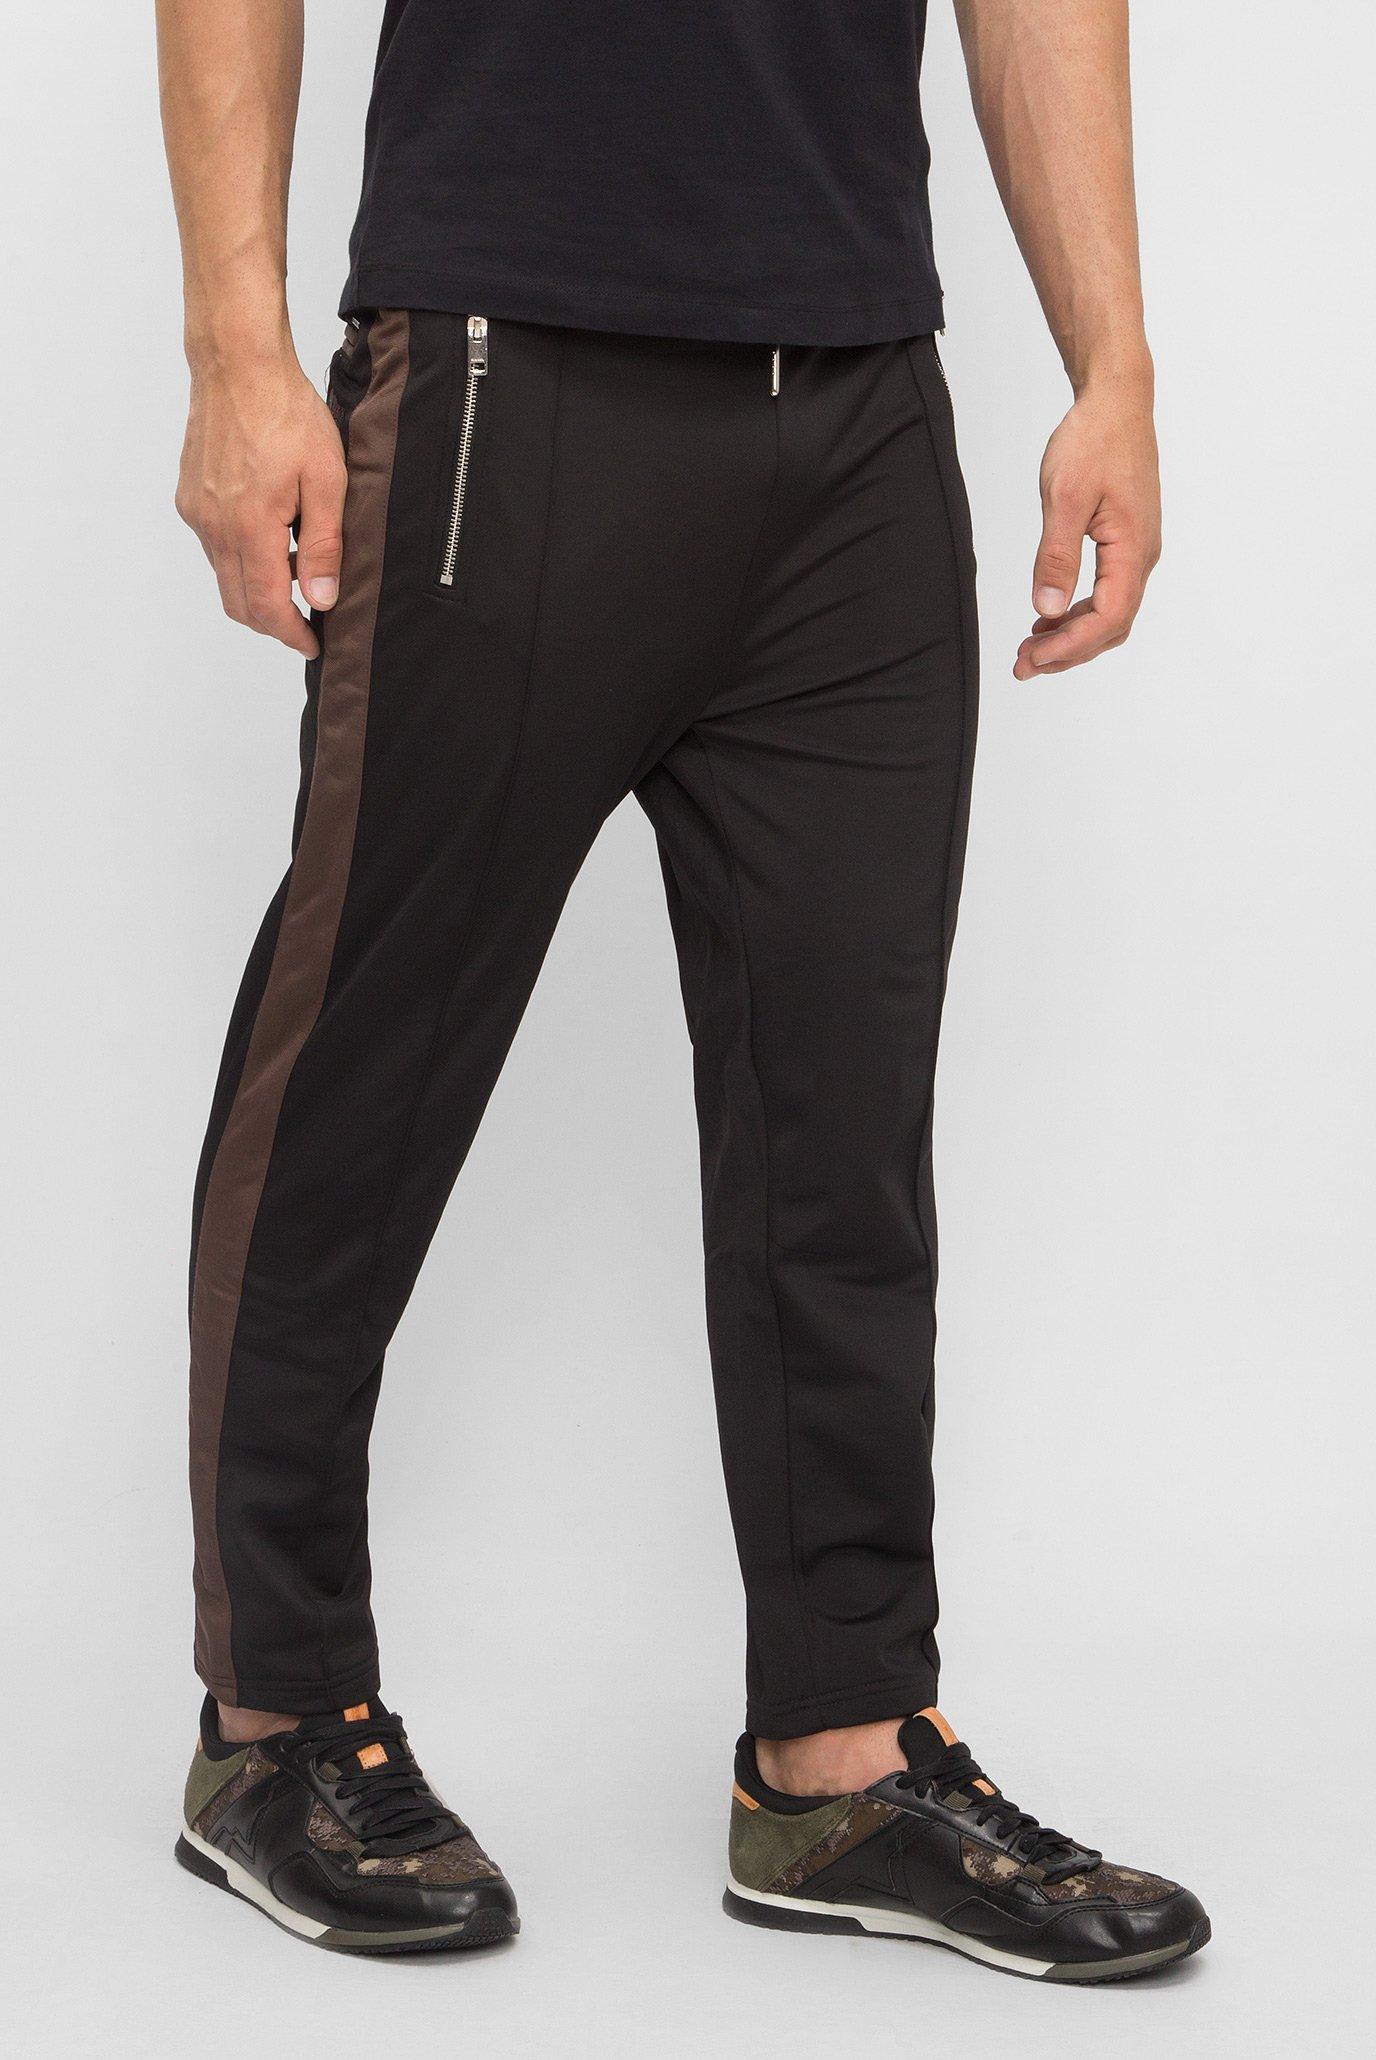 a7db8a19e348 Купить Мужские черные спортивные брюки Diesel Diesel 00SVA3 0NAOA – Киев,  Украина. Цены в интернет магазине MD Fashion